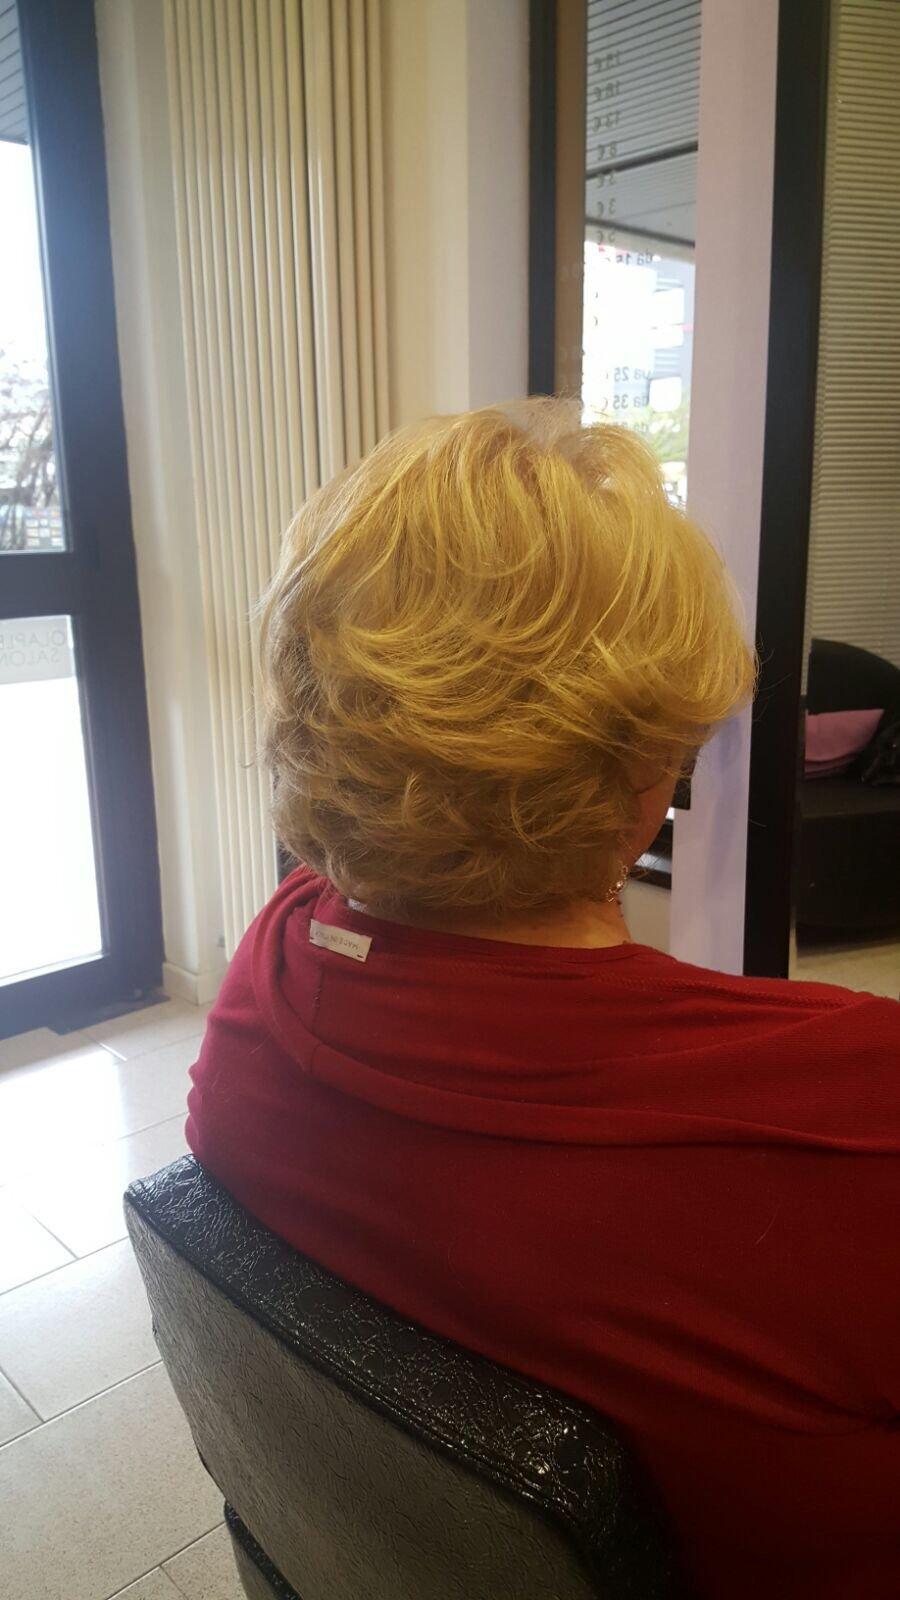 una signora con capelli corti biondi